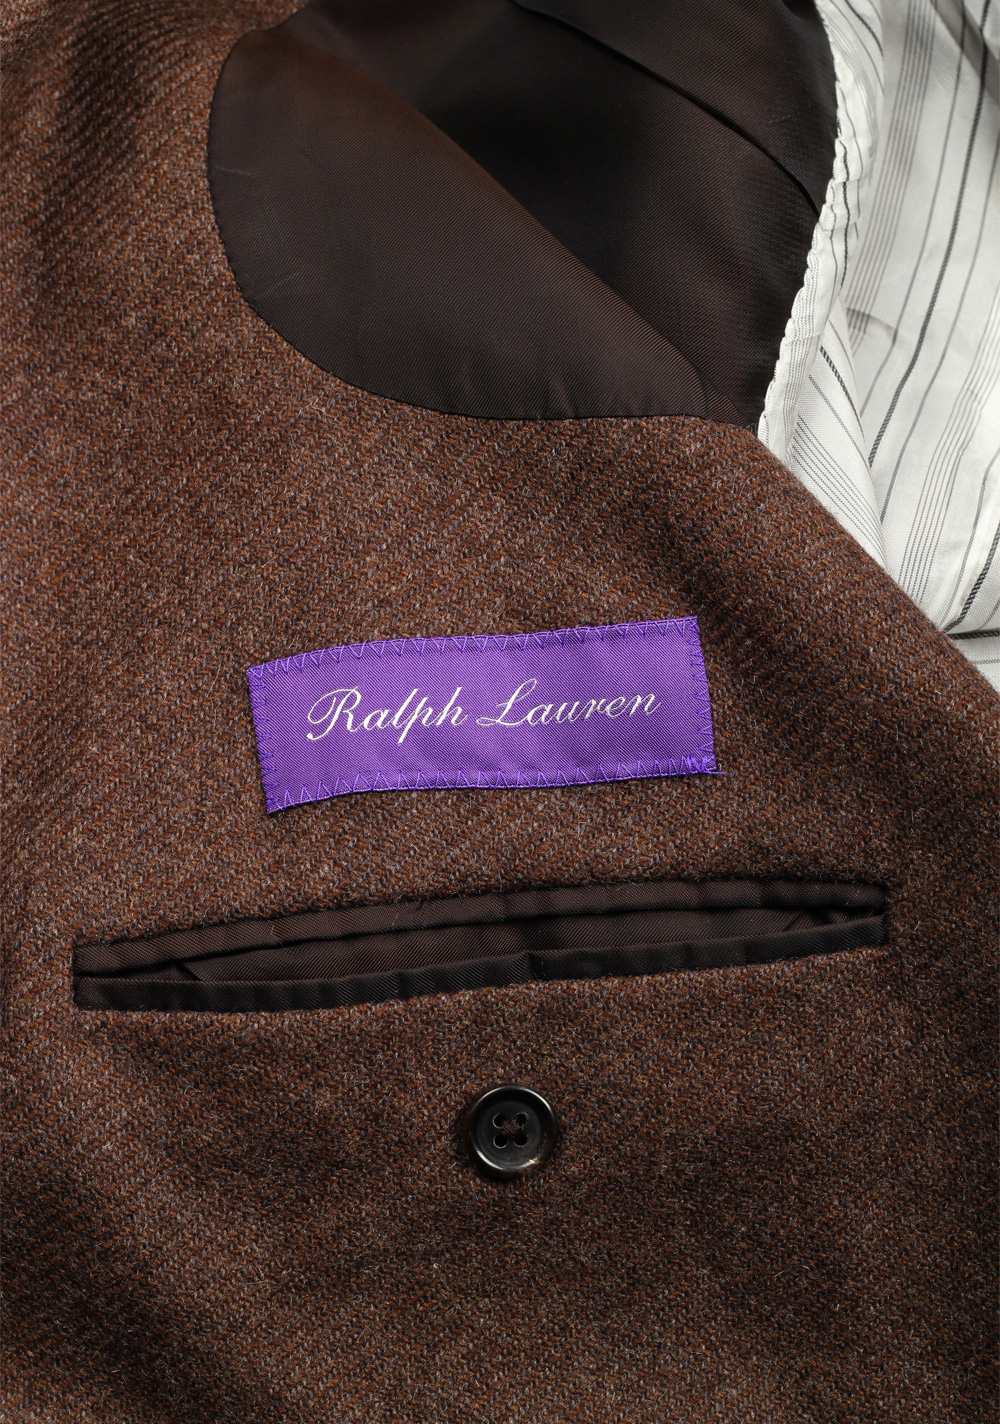 Ralph Lauren Purple Label Double Breasted Suit In Cashmere | Costume Limité